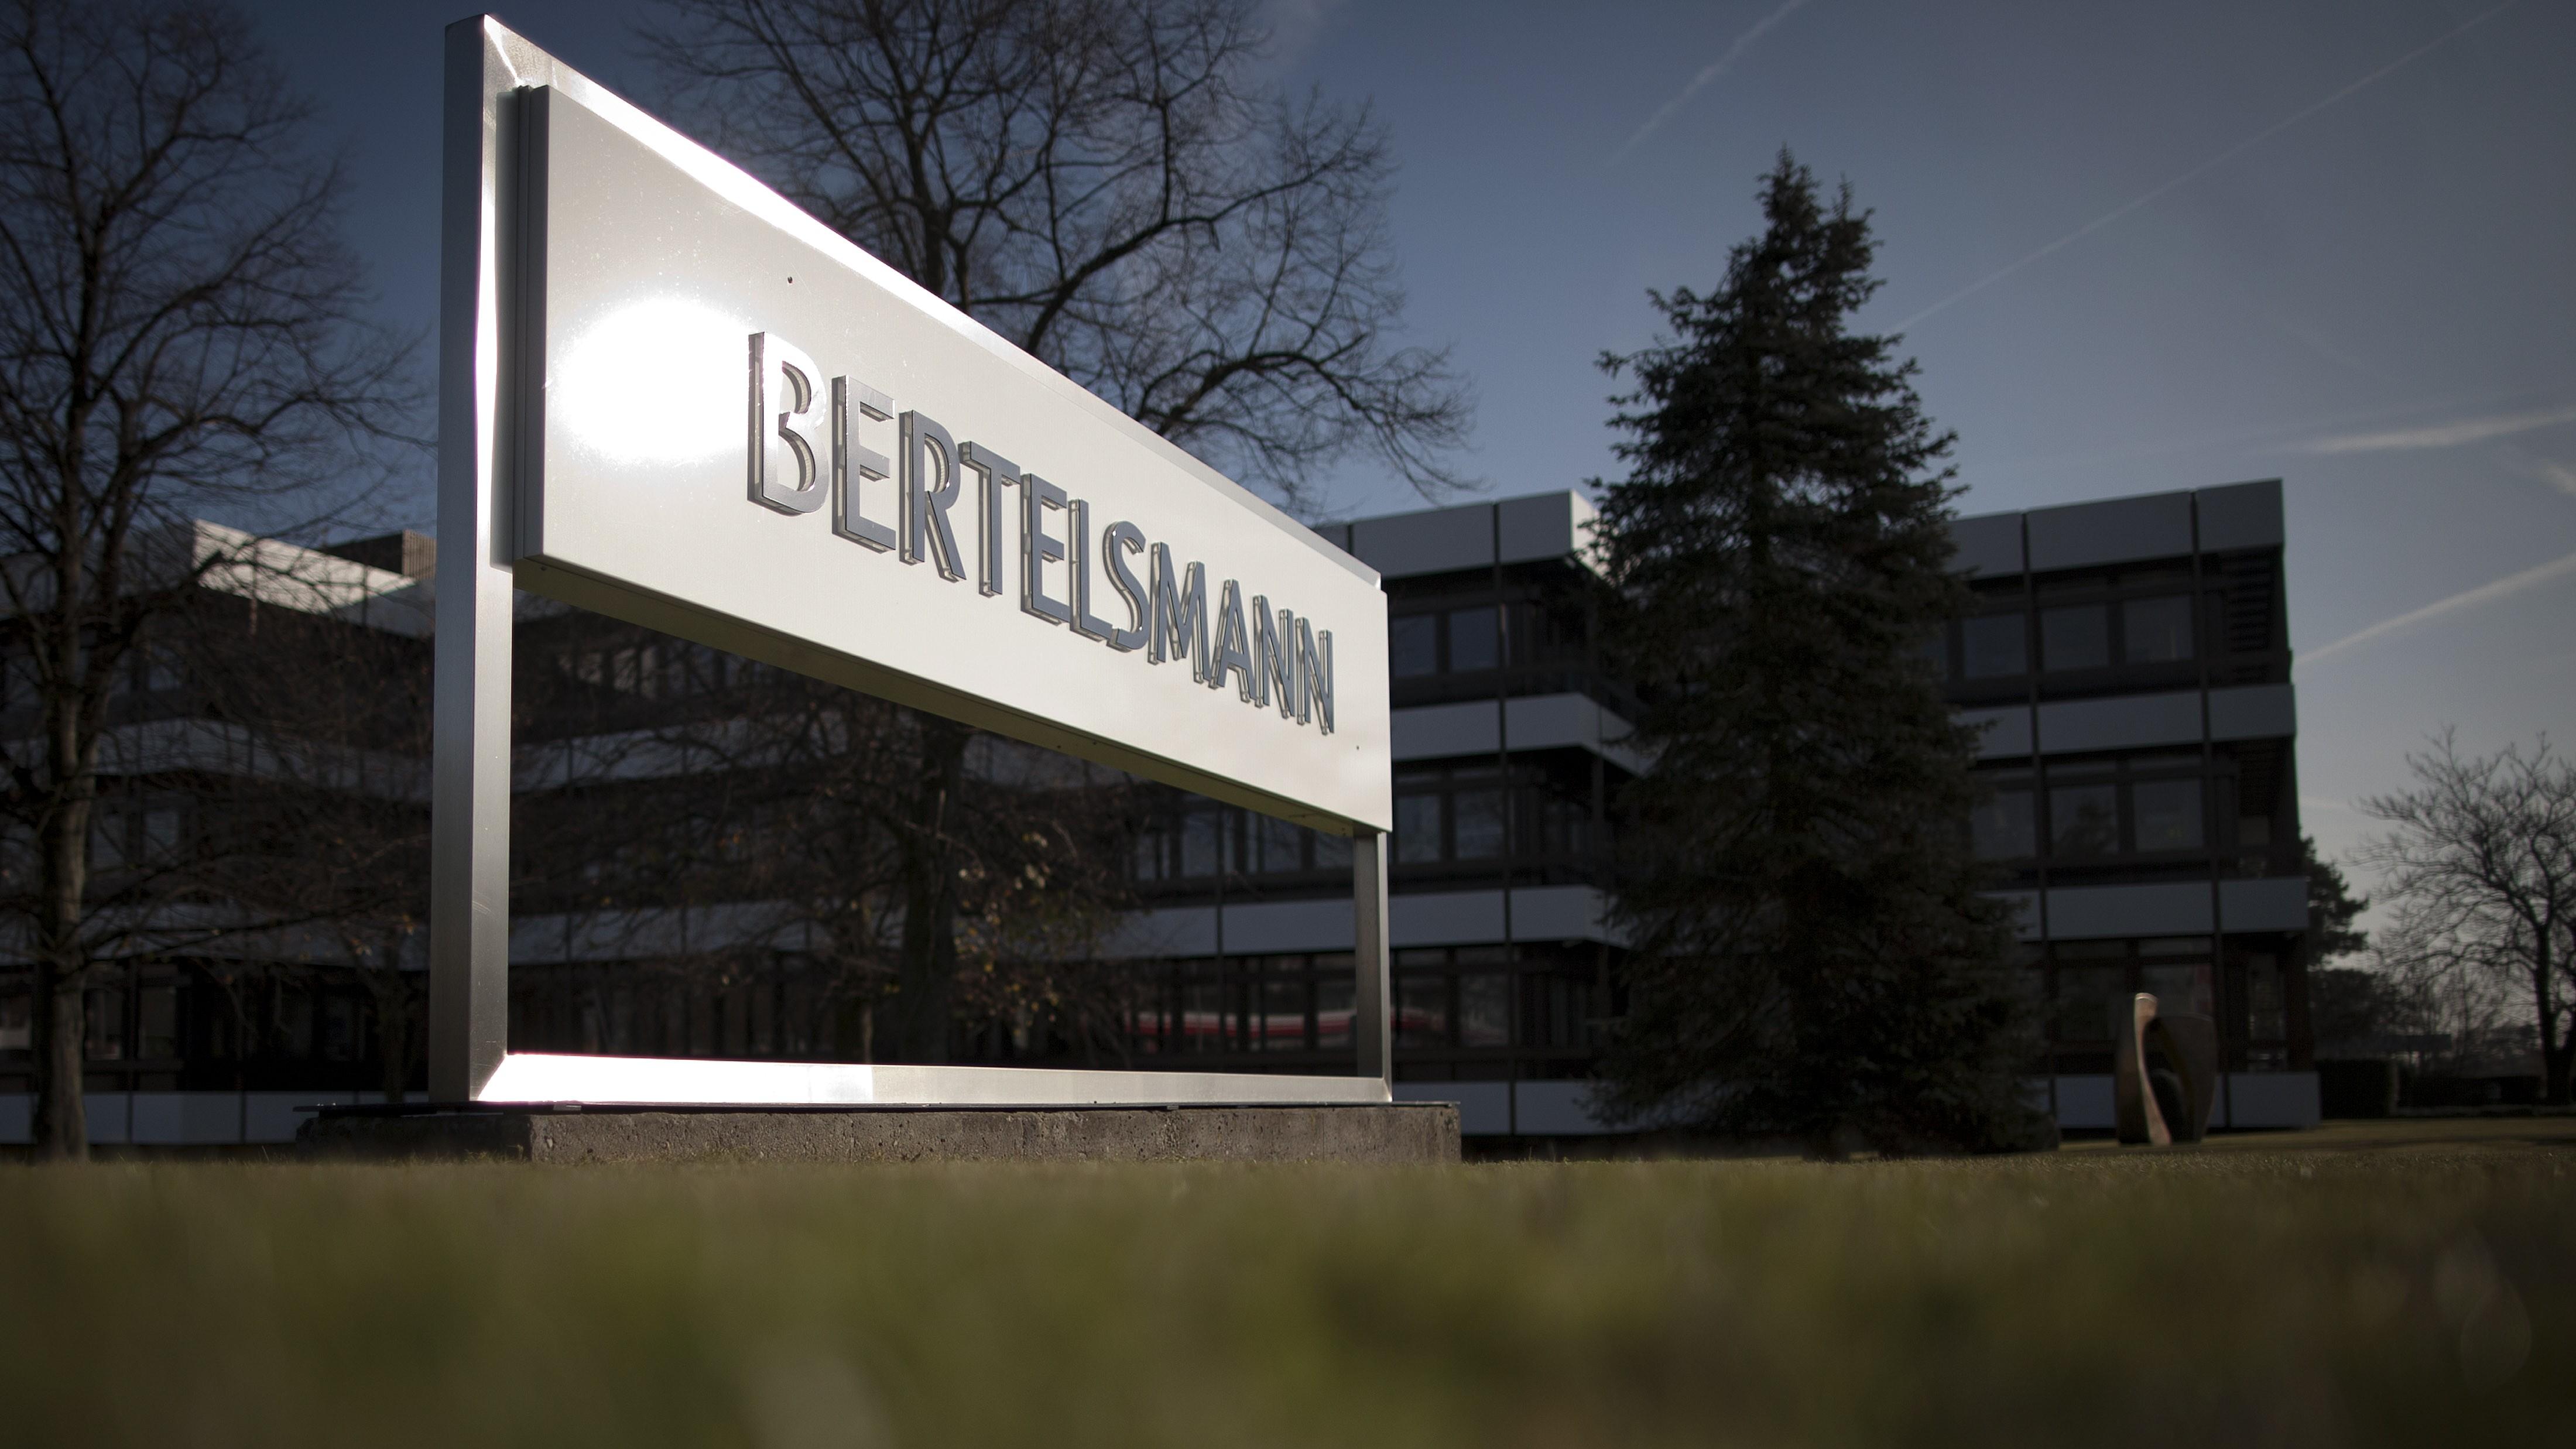 """ARCHIV: Ein Schild mit der Aufschrift """"Bertelsmann"""" steht vor dem Hauptsitz der Bertelsmann AG in Guetersloh (Foto vom 16.11.11). Bertelsmann veroeffentlicht am Dienstag (13.11.12) seine Quartalszahlen. (zu dapd-Text) Foto: Timur Emek/dapd"""